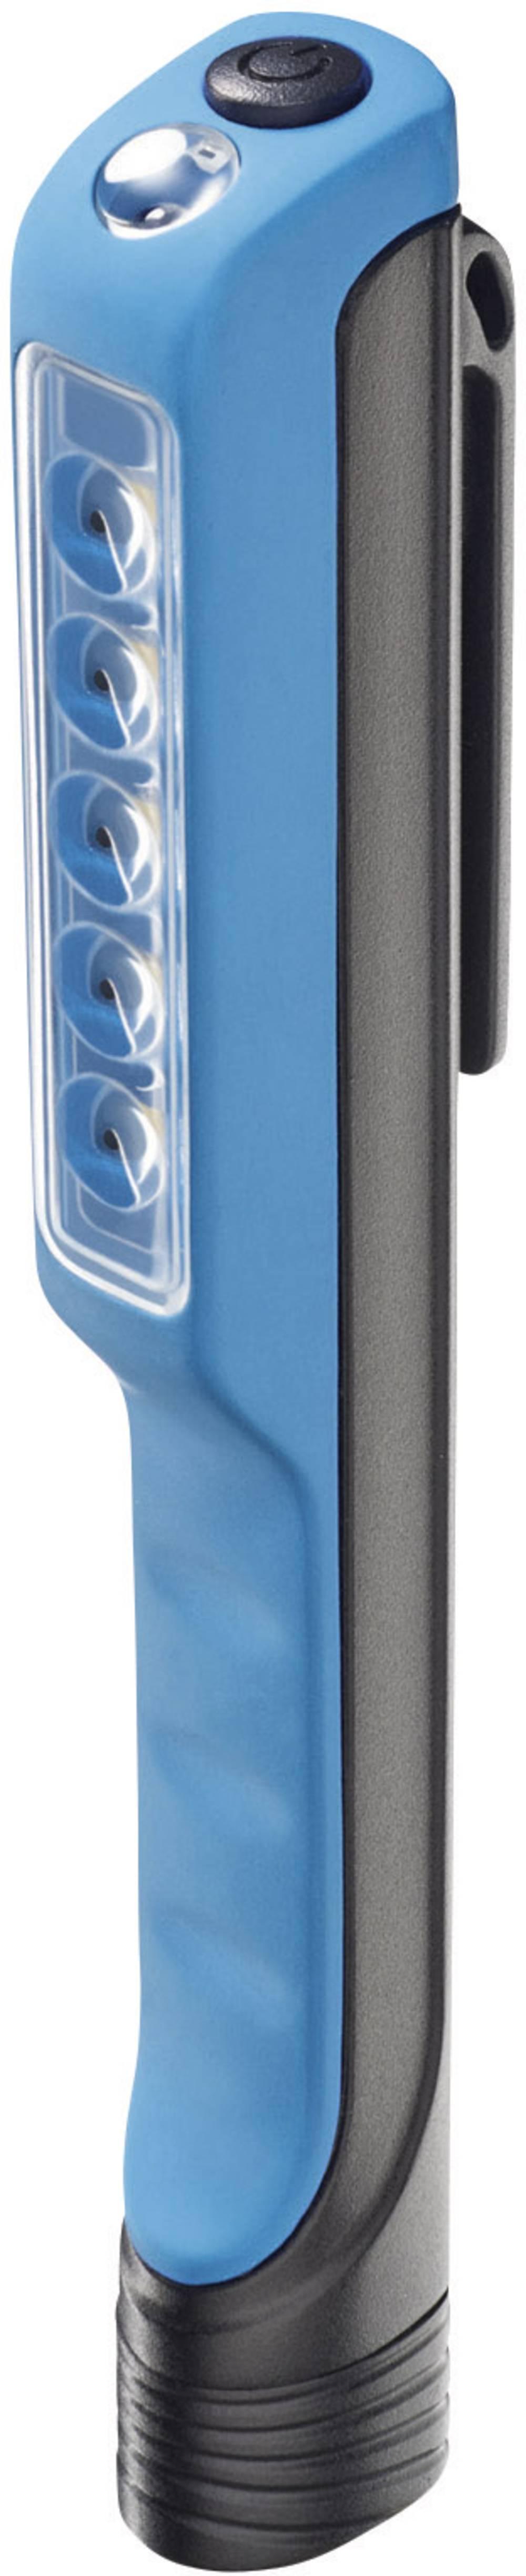 LED Lygtepen Batteridrevet Philips LPL18B1 90 lm, 20 lm